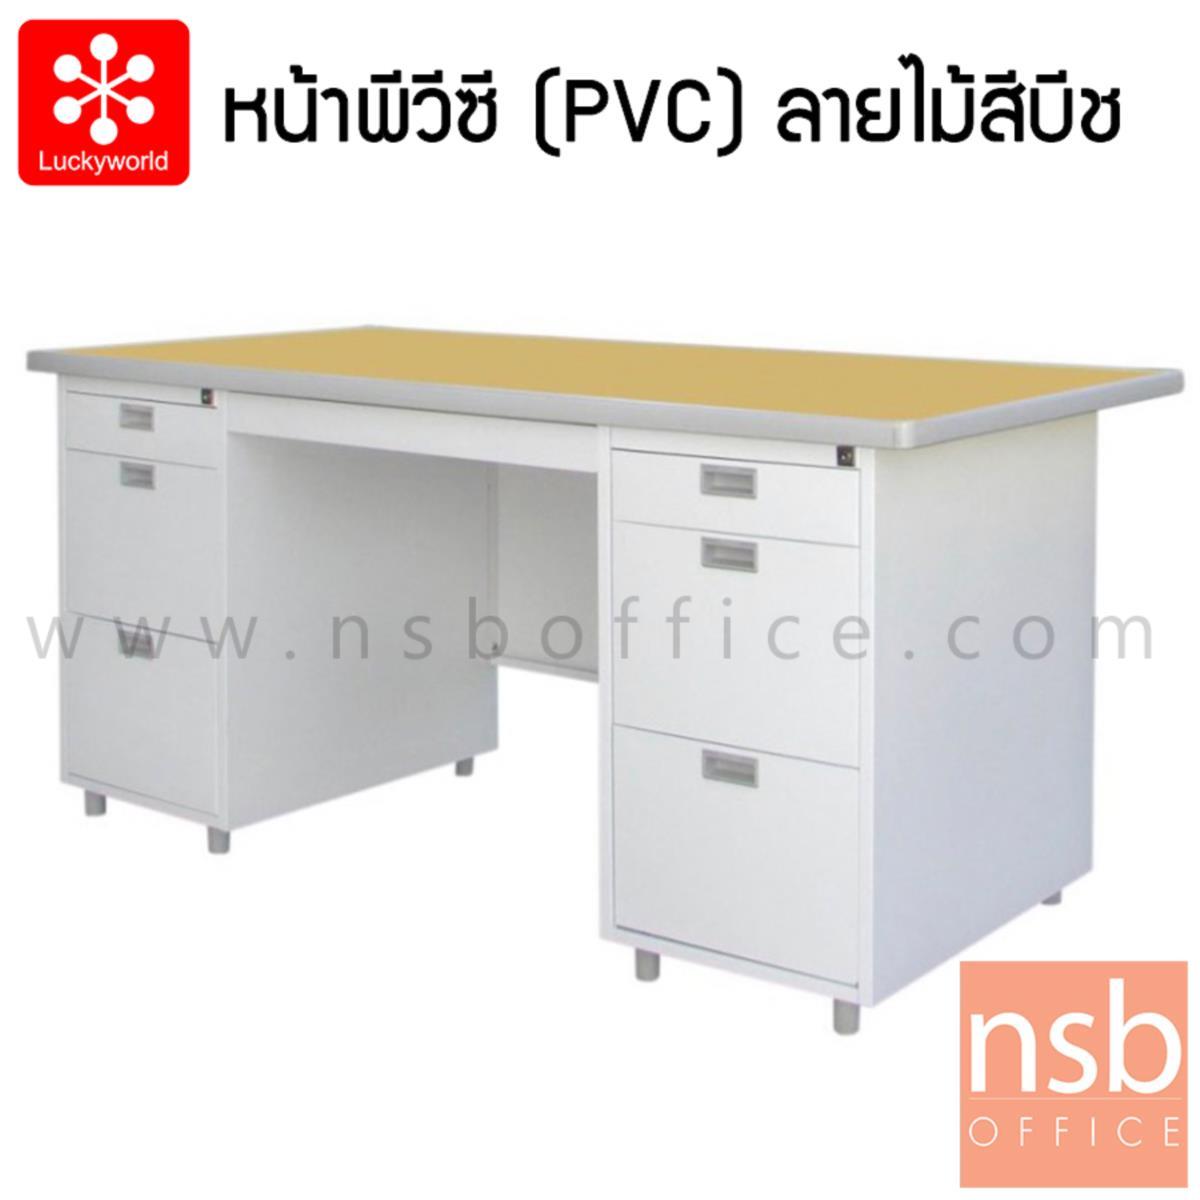 E31A005:โต๊ะทำงานเหล็ก 7 ลิ้นชัก รุ่น DP-52-33 ขนาด 159.5W cm.  หน้าพีวีซี(PVC)